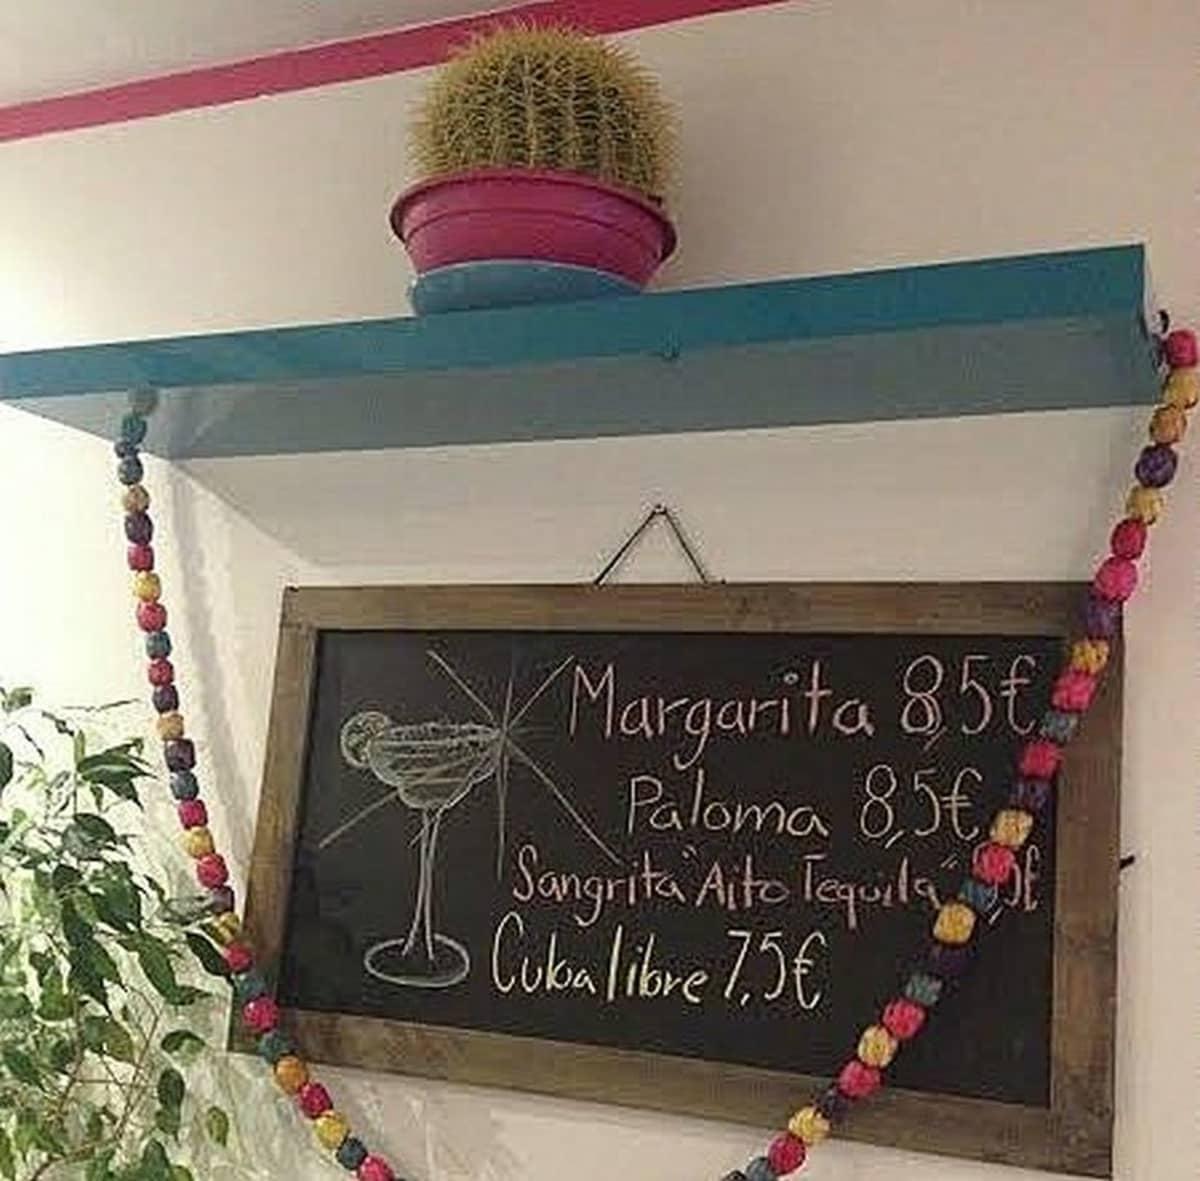 Meksikolainen ravintola Oulu